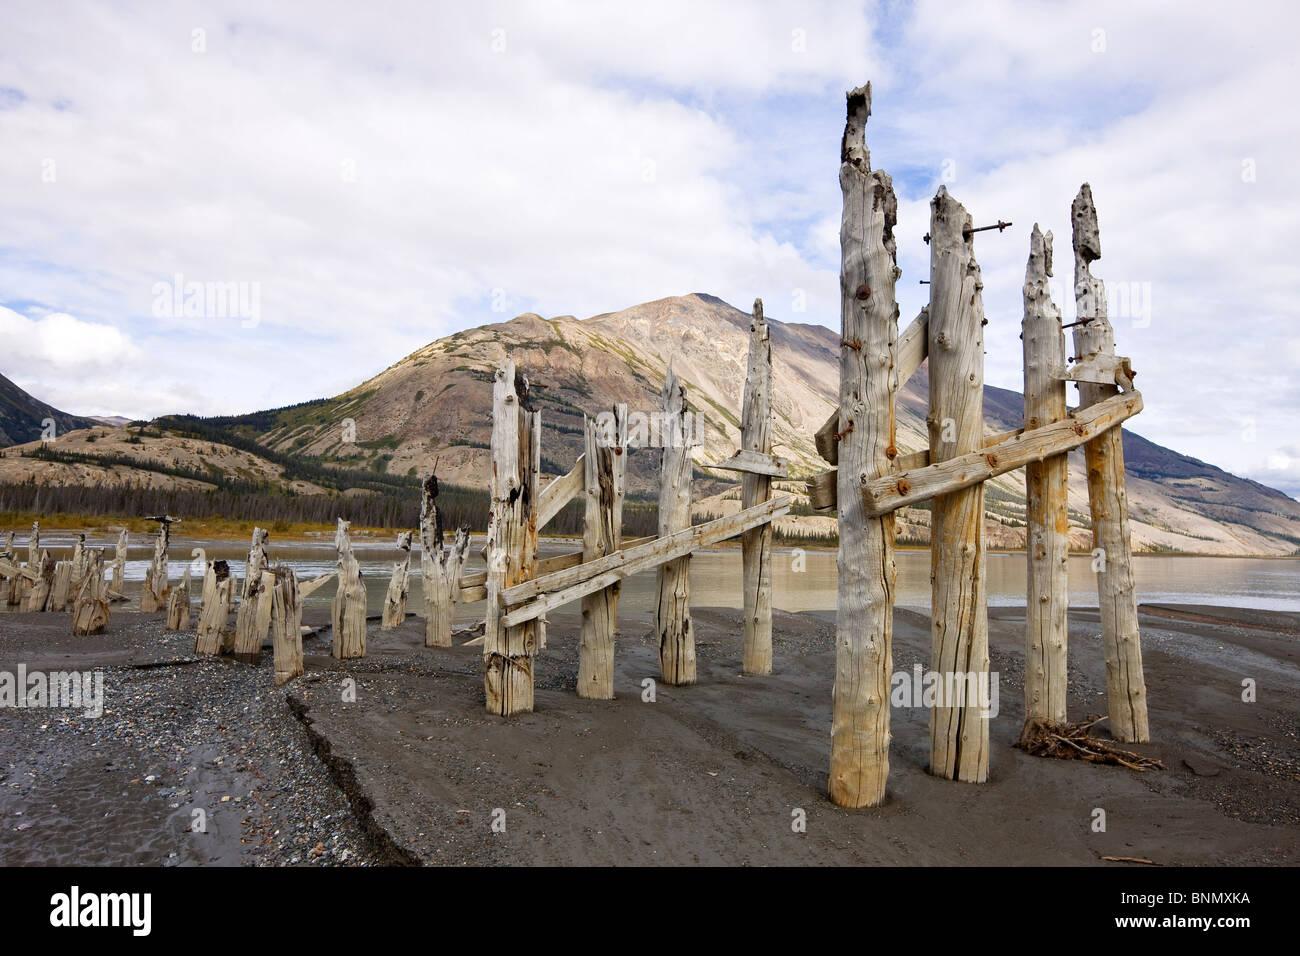 Pillings du pont de la rivière Slims original avec des moutons à l'arrière-plan, la montagne Photo Stock